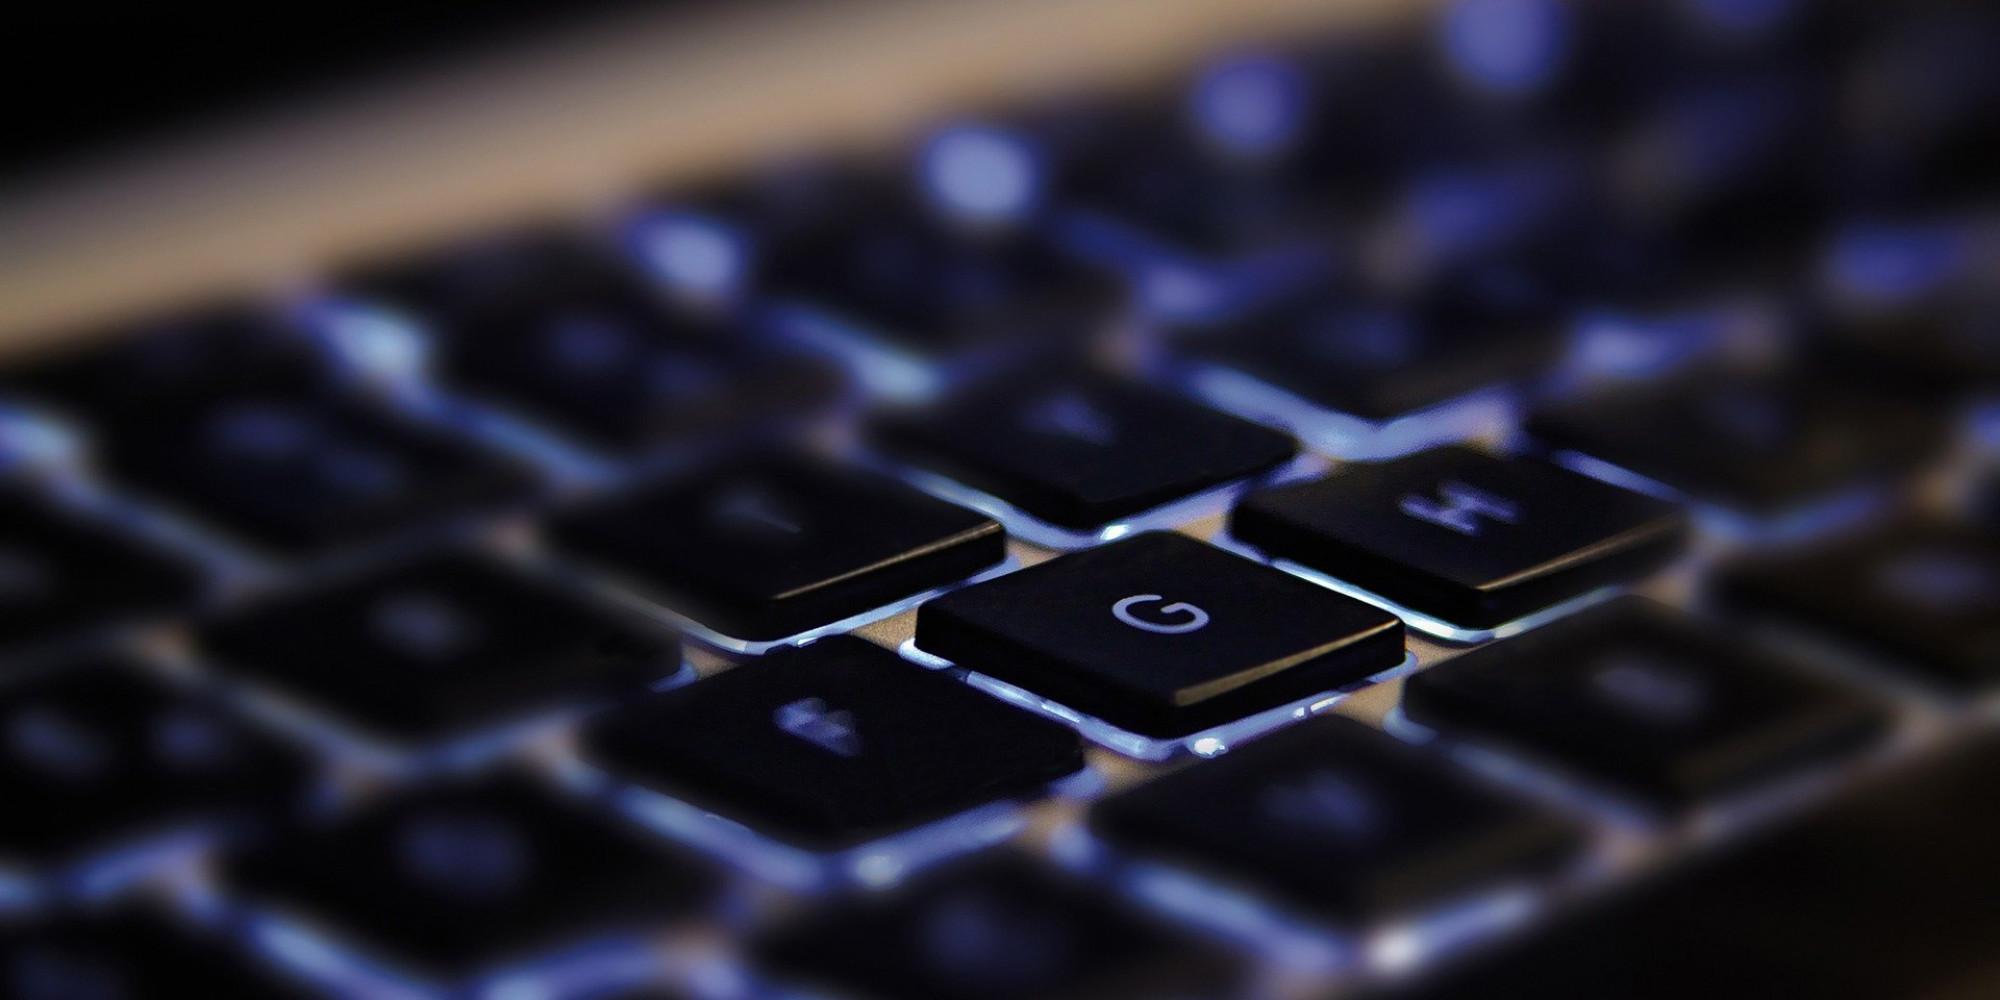 Informatique : une start-up lance un ordinateur réparable à volonté